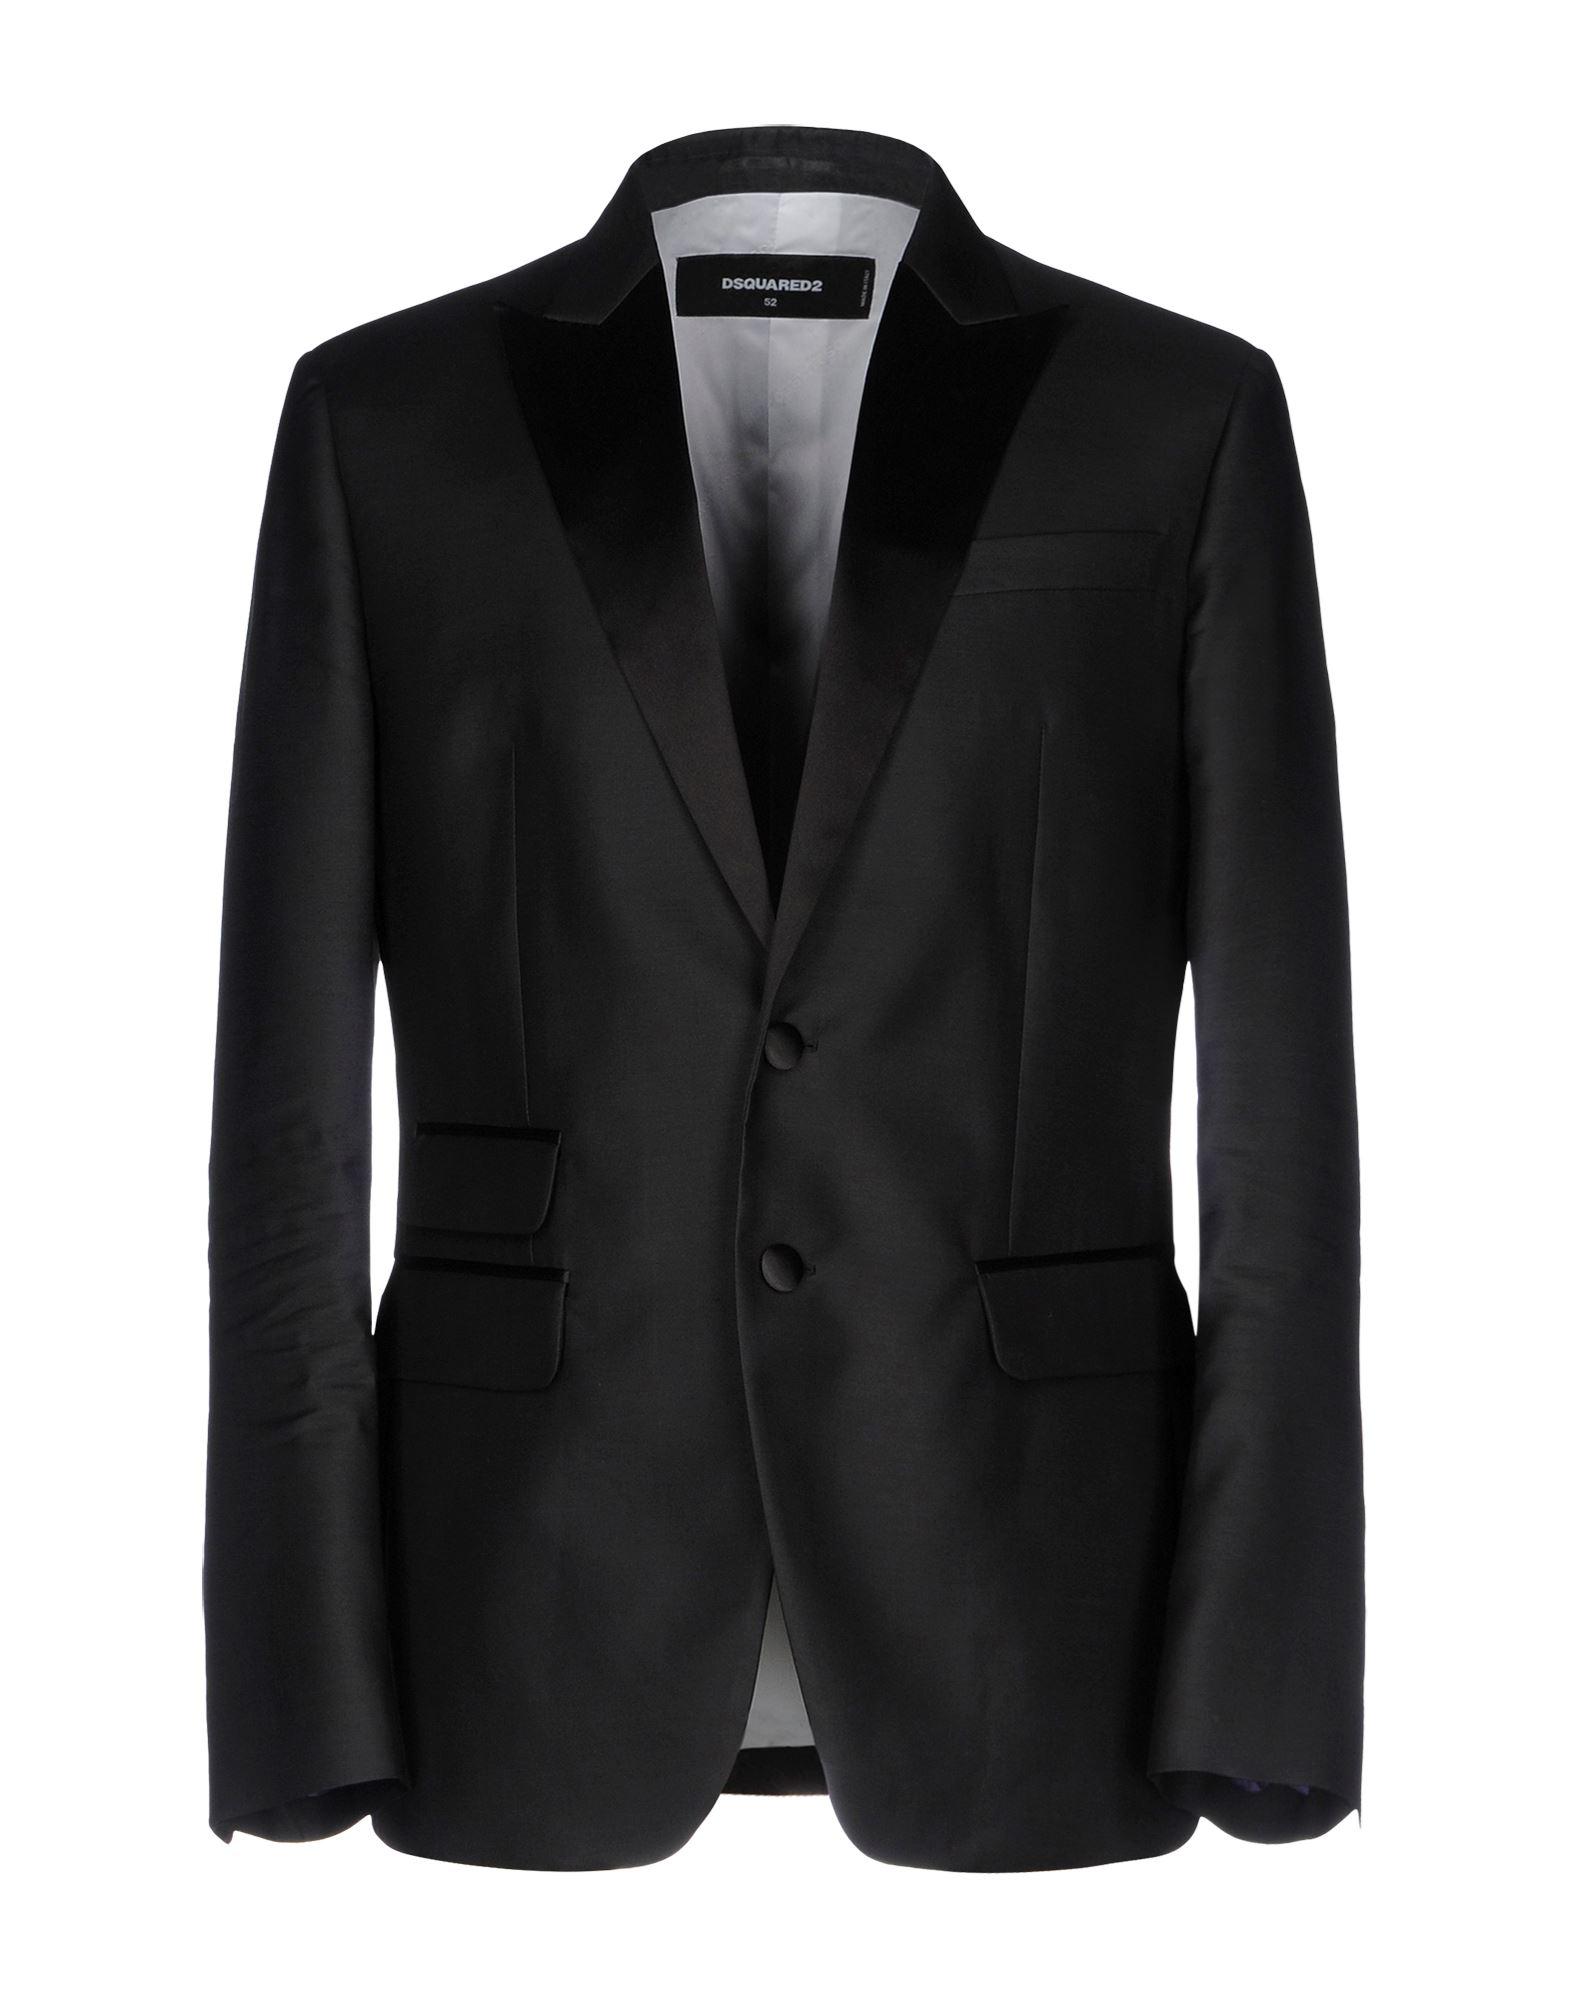 DSQUARED2 Herren Jackett Farbe Schwarz Größe 4 jetztbilligerkaufen